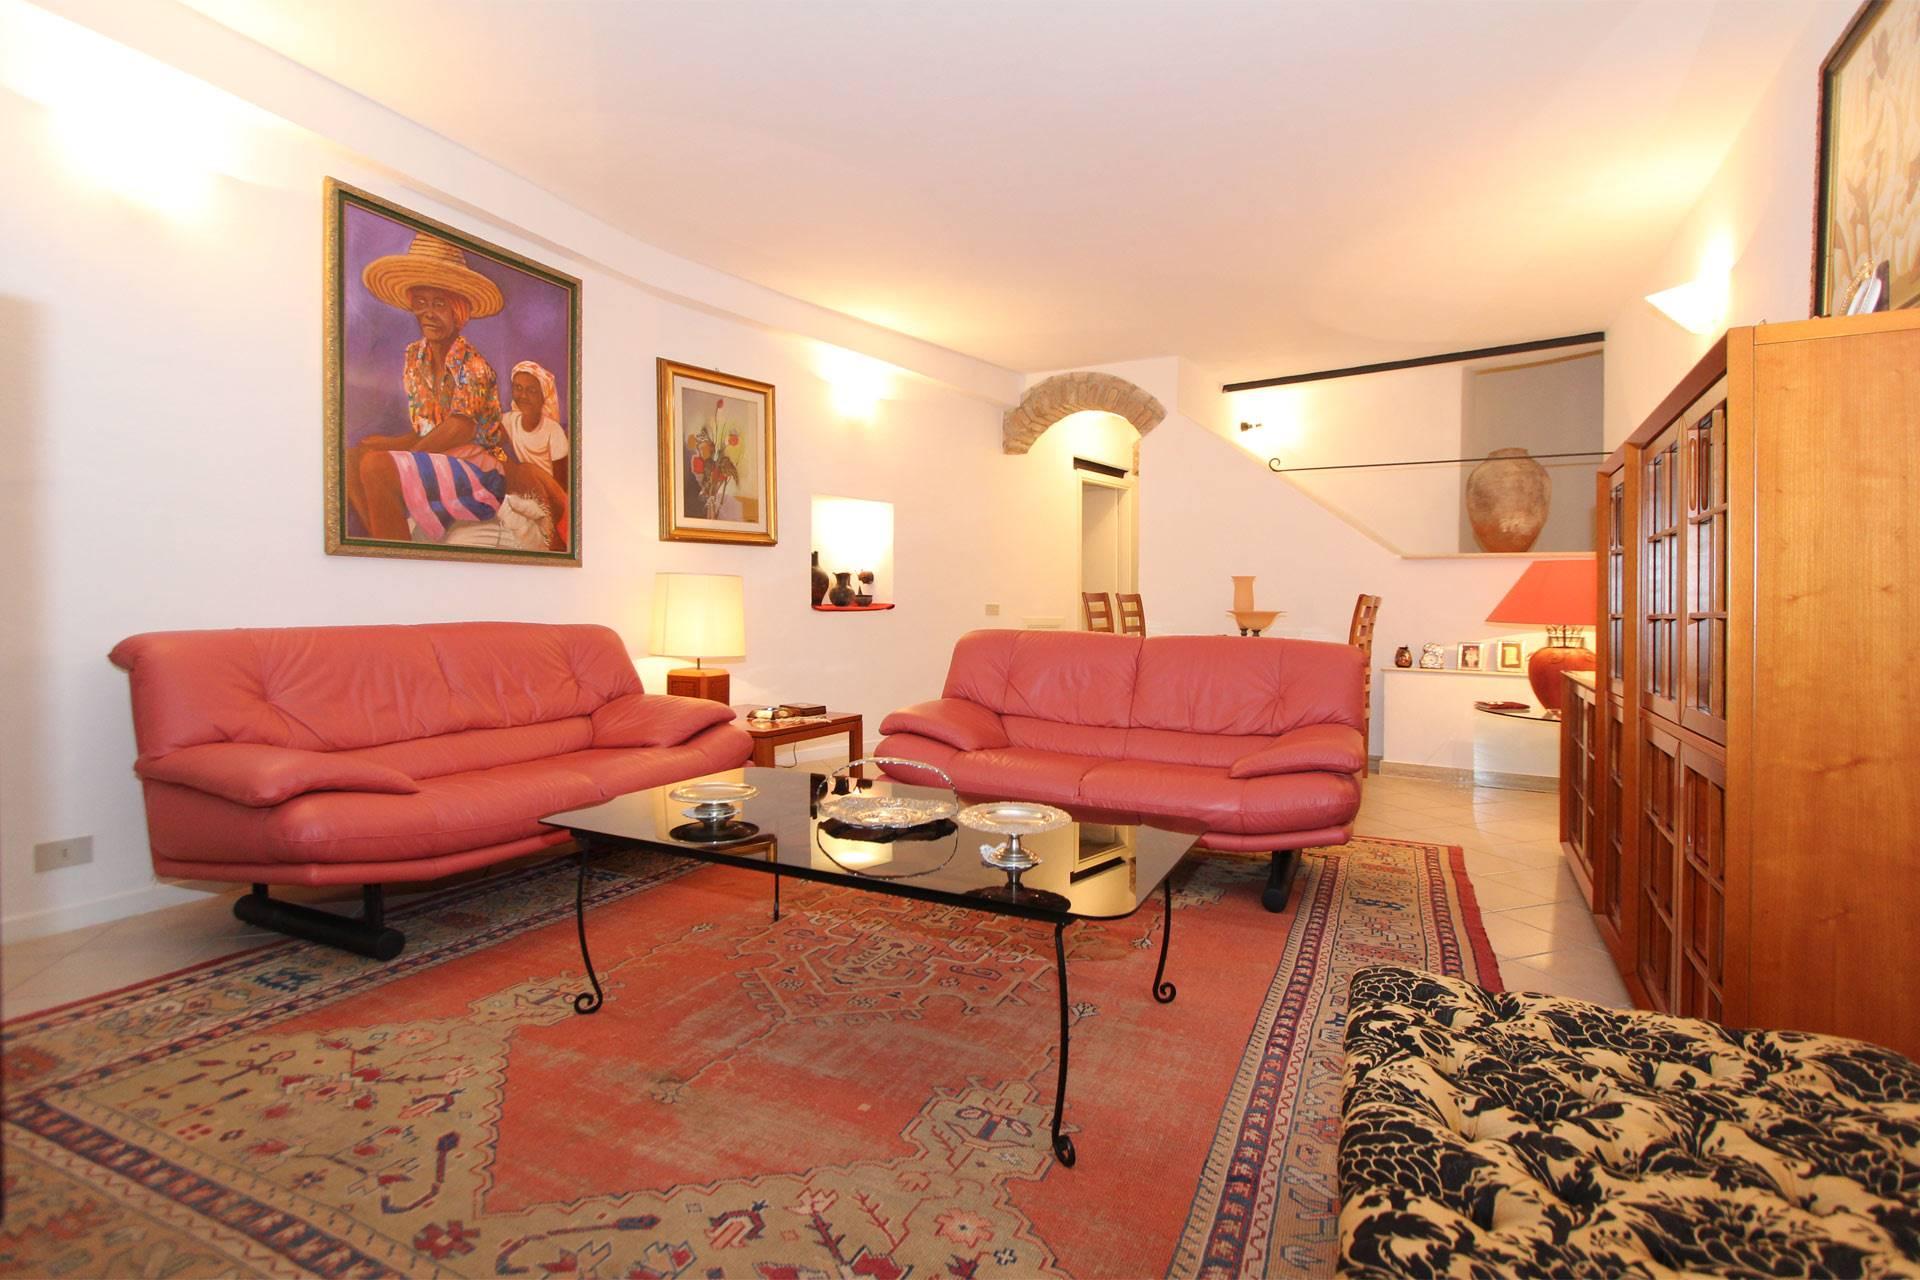 Appartamento con ingresso indipendente nel centro storico di Siena, a pochi passi da Piazza del Campo. Si compone di ingresso, salottino, ampio soggiorno-pranzo con doppia finestra e cucinotto; la